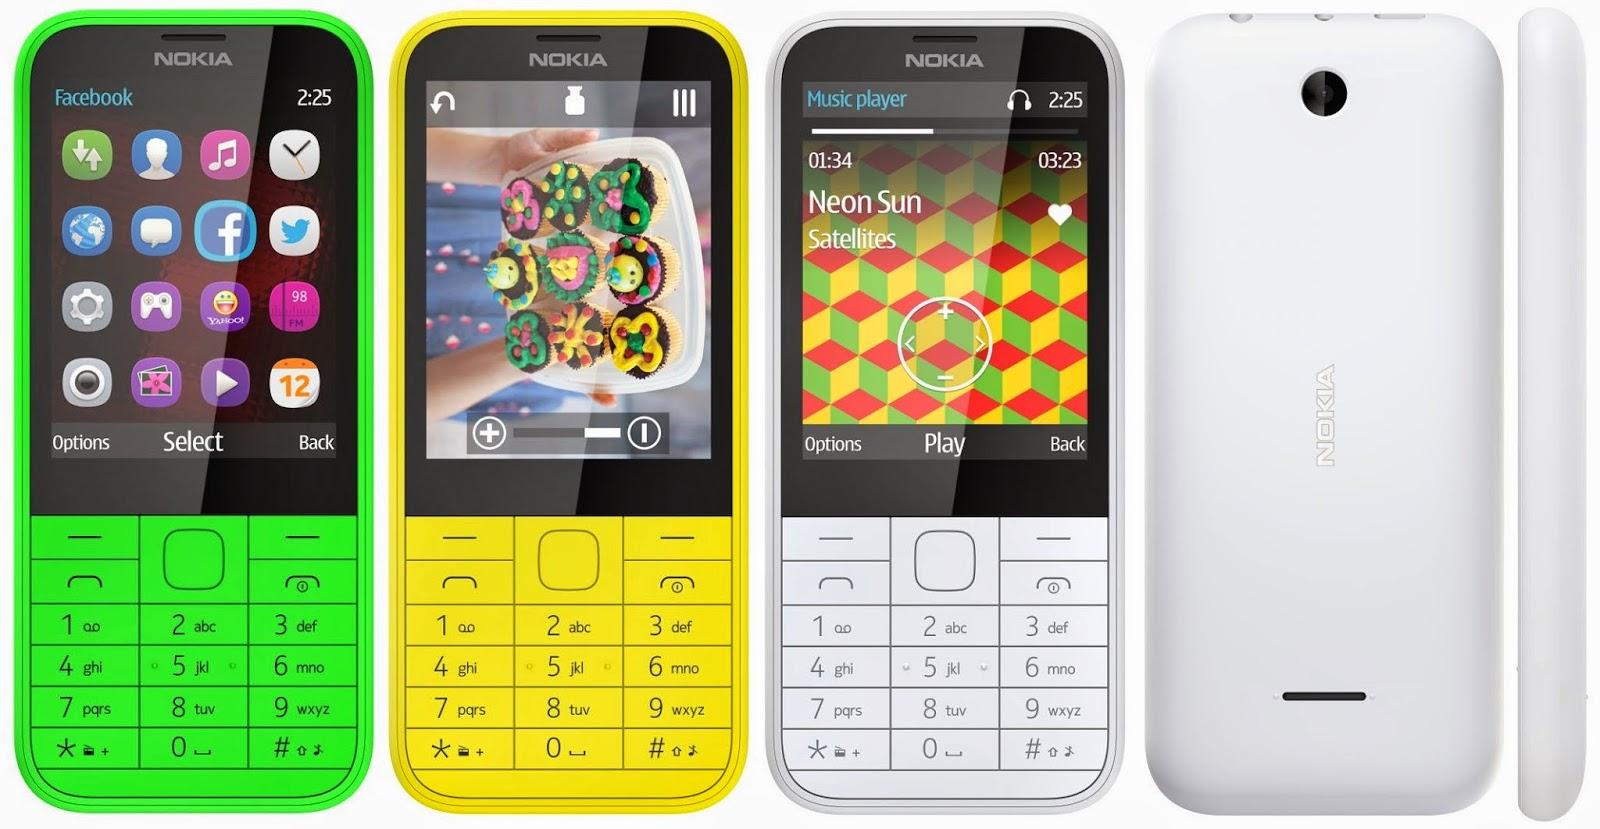 Nokia 225 Single SIM - Nokia 225 Dual SIM